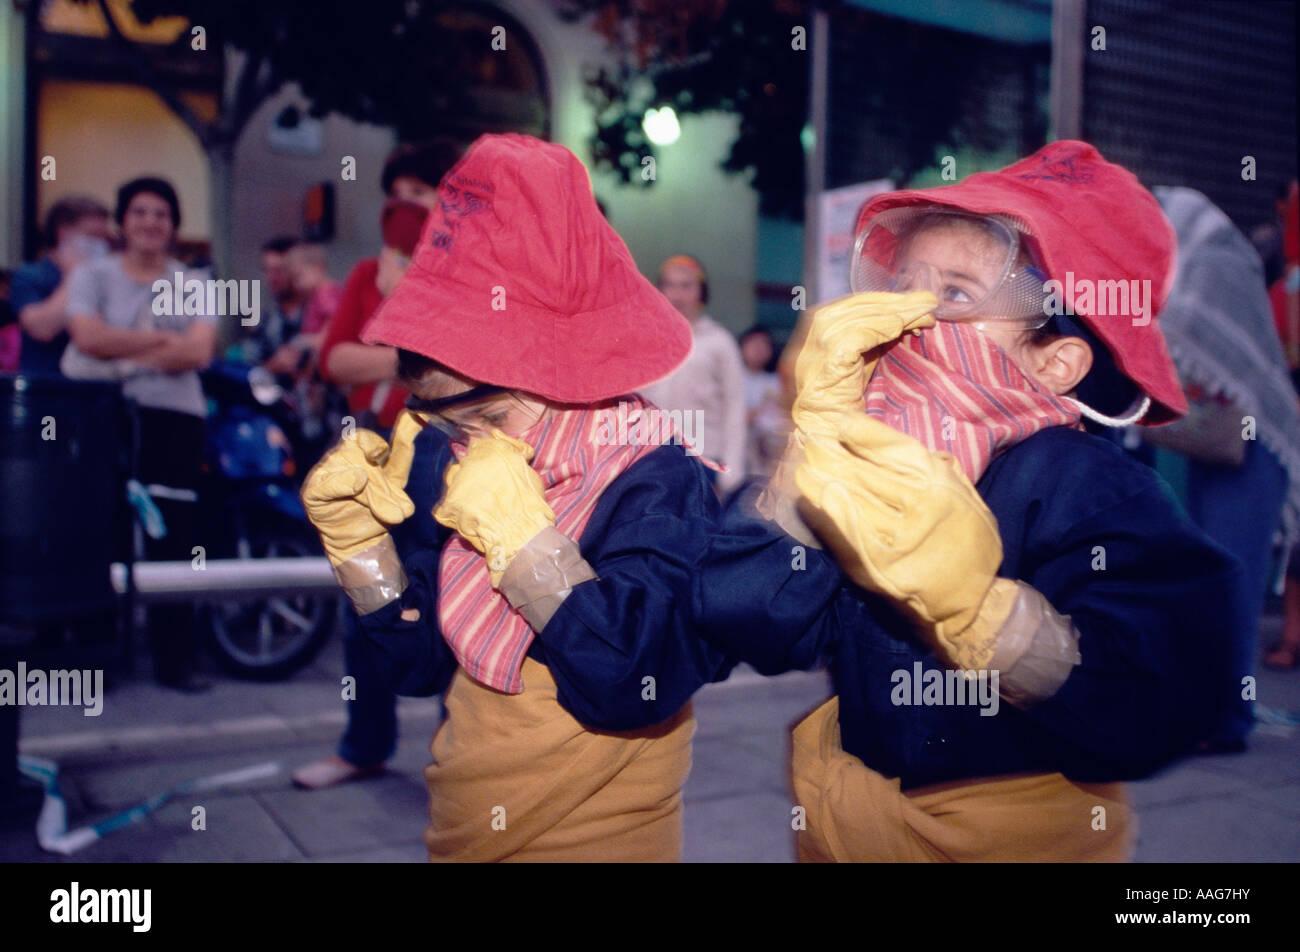 Engranaje de protección a la infancia s Correfoc Desfile Barcelona Cataluña España Foto de stock